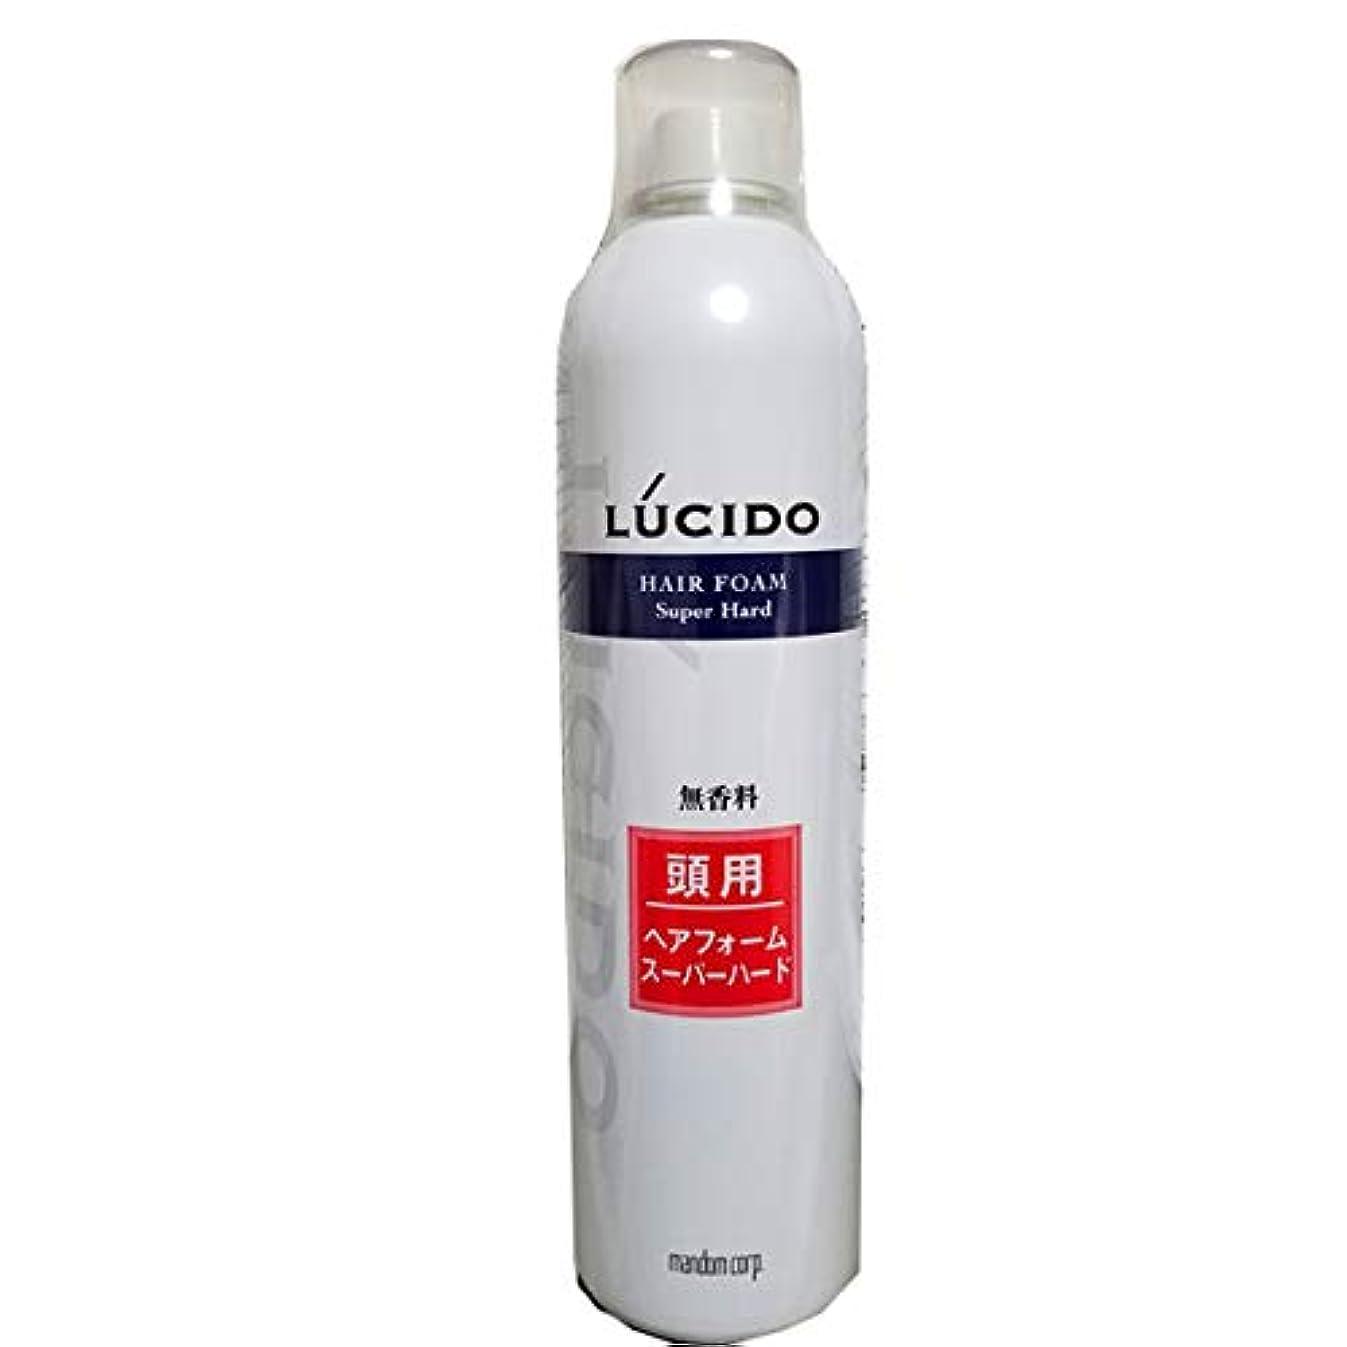 カイウステレビ局不満ルシード ヘアフォーム スーパーハードO 400g 業務用 40才からの髪に。 マンダム